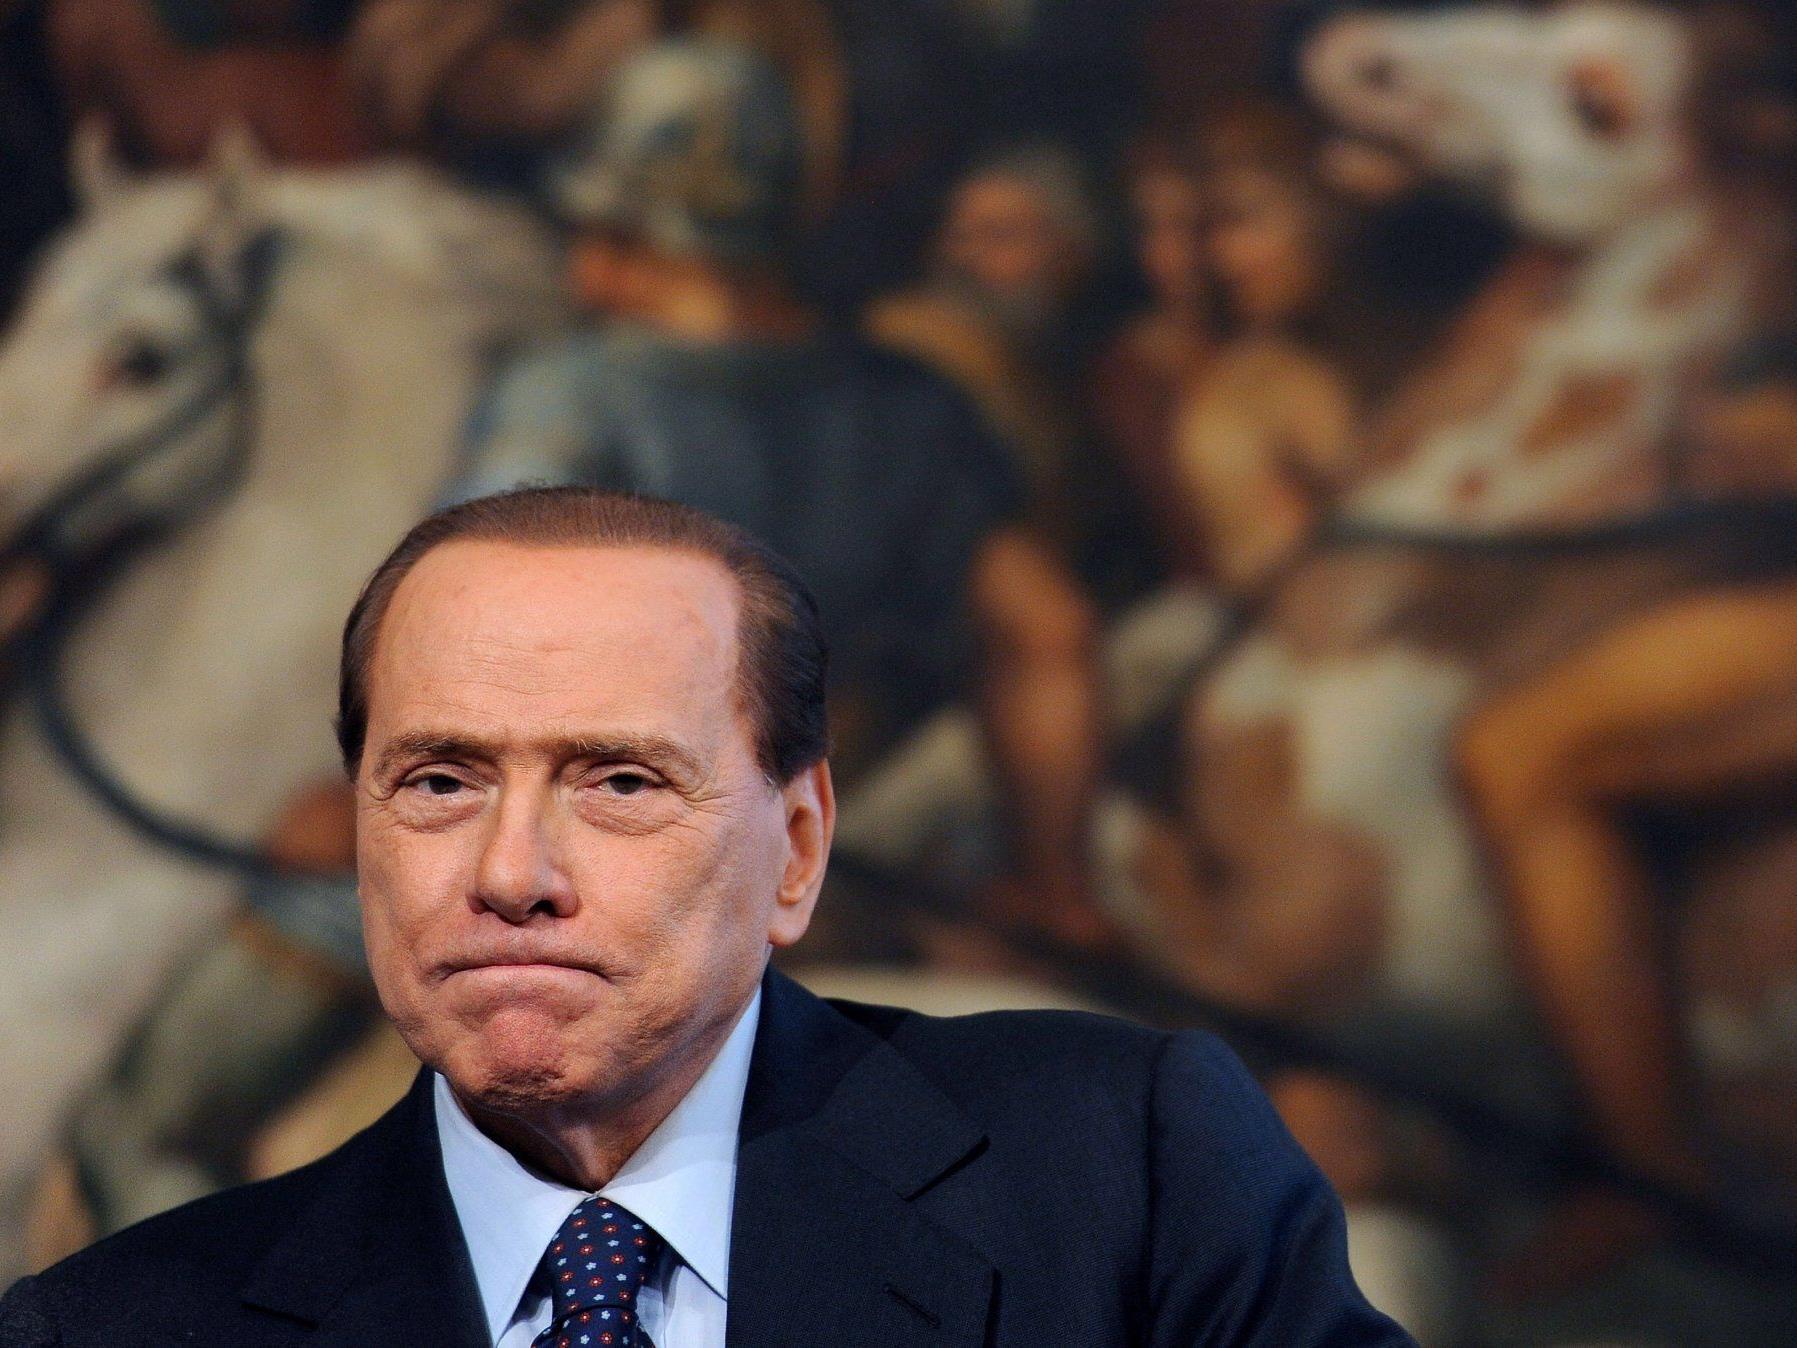 Berlusconi hat es zum Waschlappenmotiv geschafft